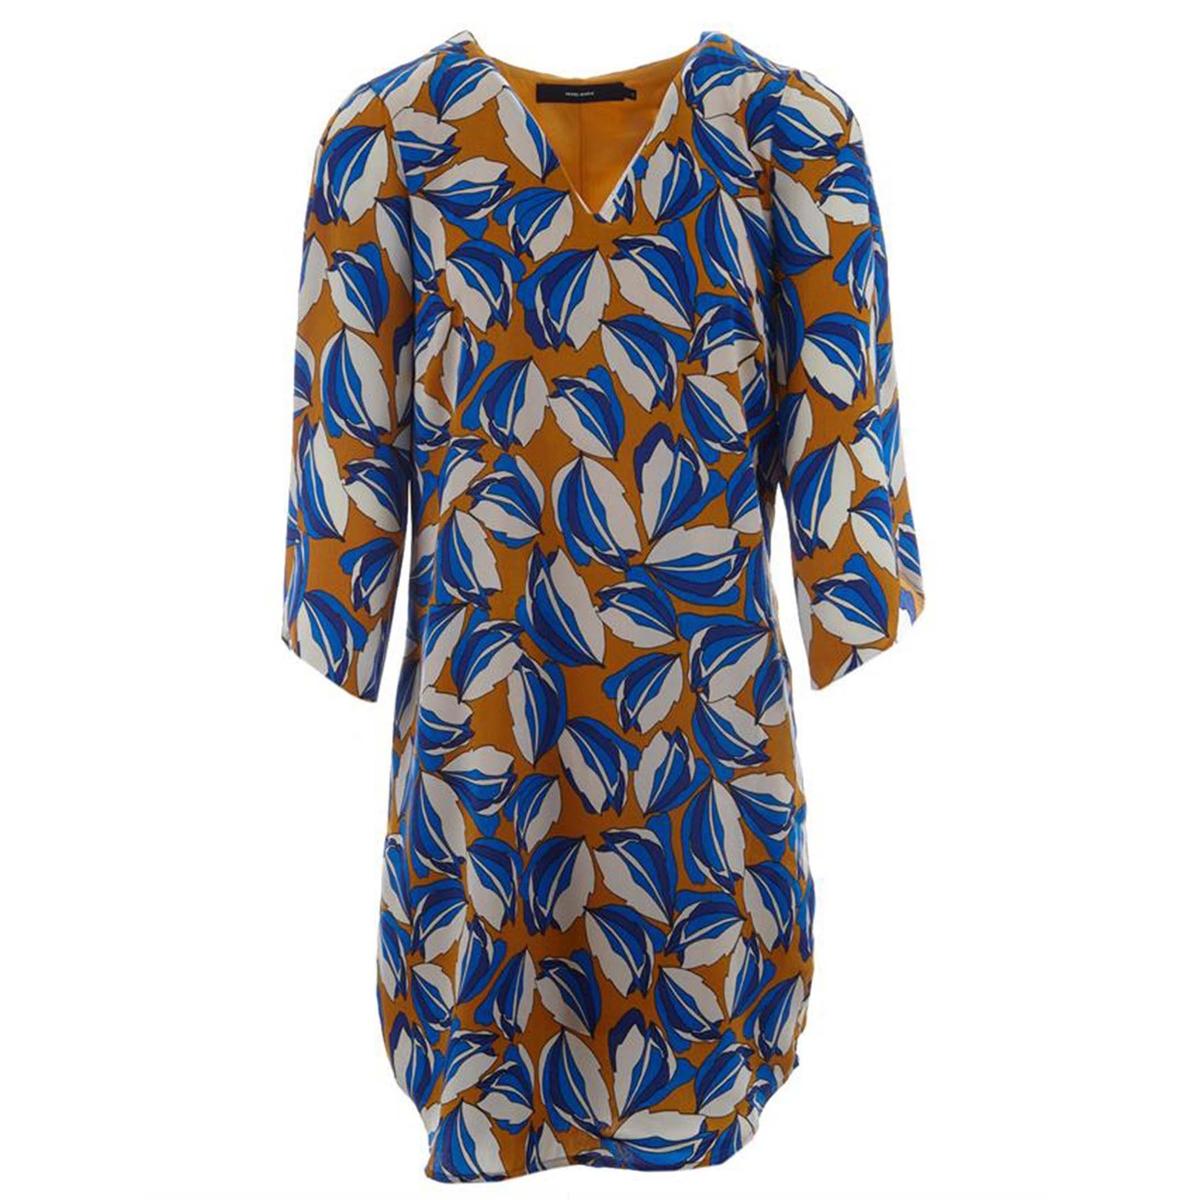 Платье прямое с рисунком, рукава 3/4 платье укороченное расклешённое с рисунком рукава 3 4